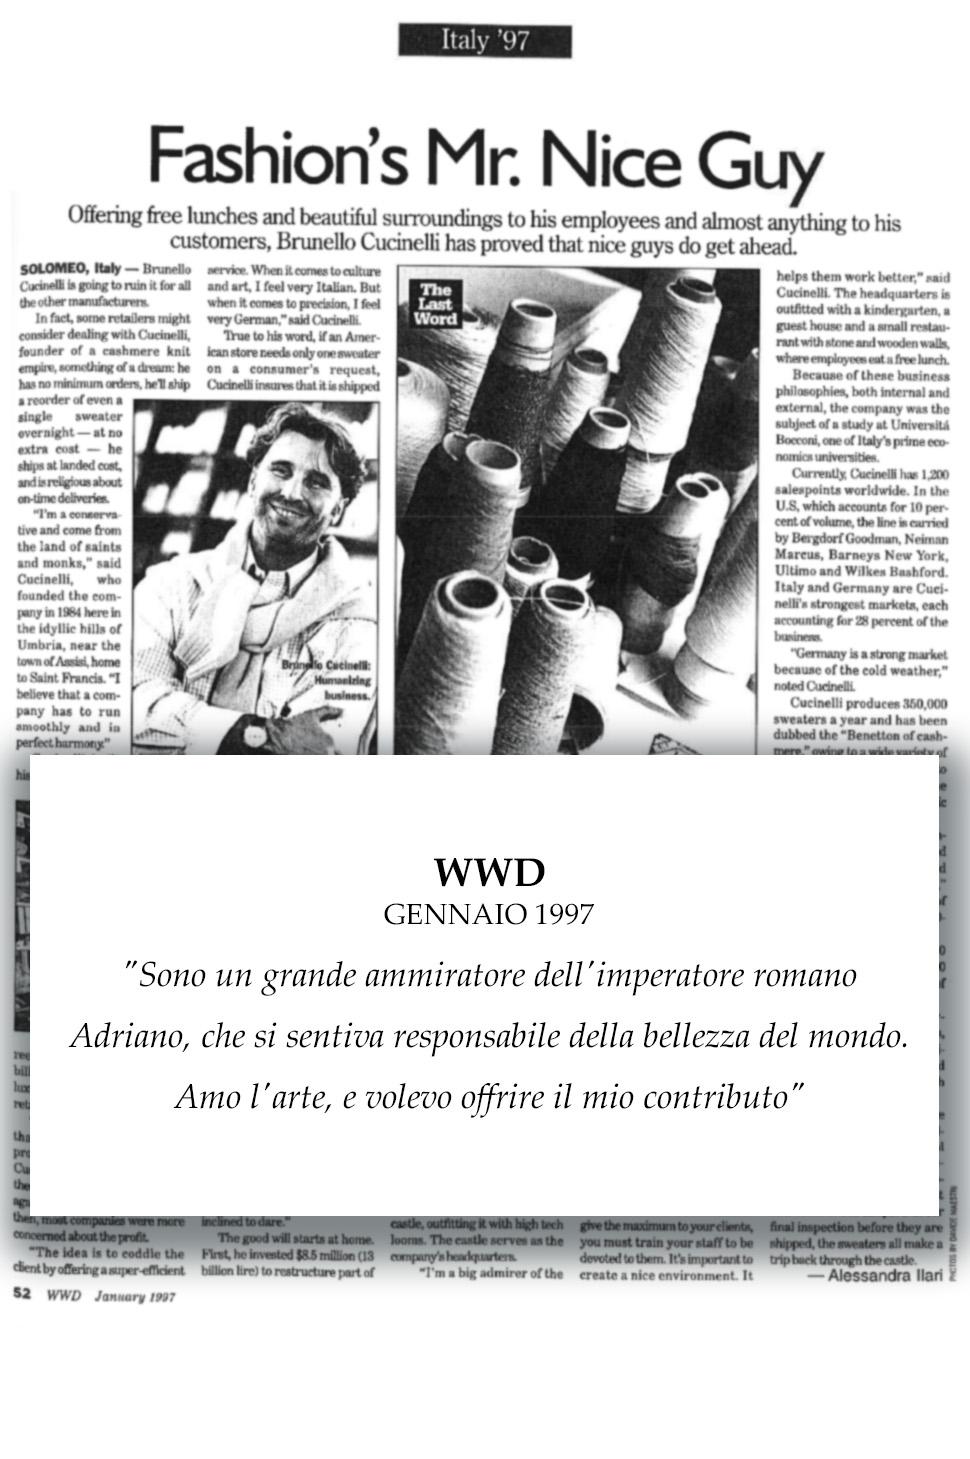 1997 WWD